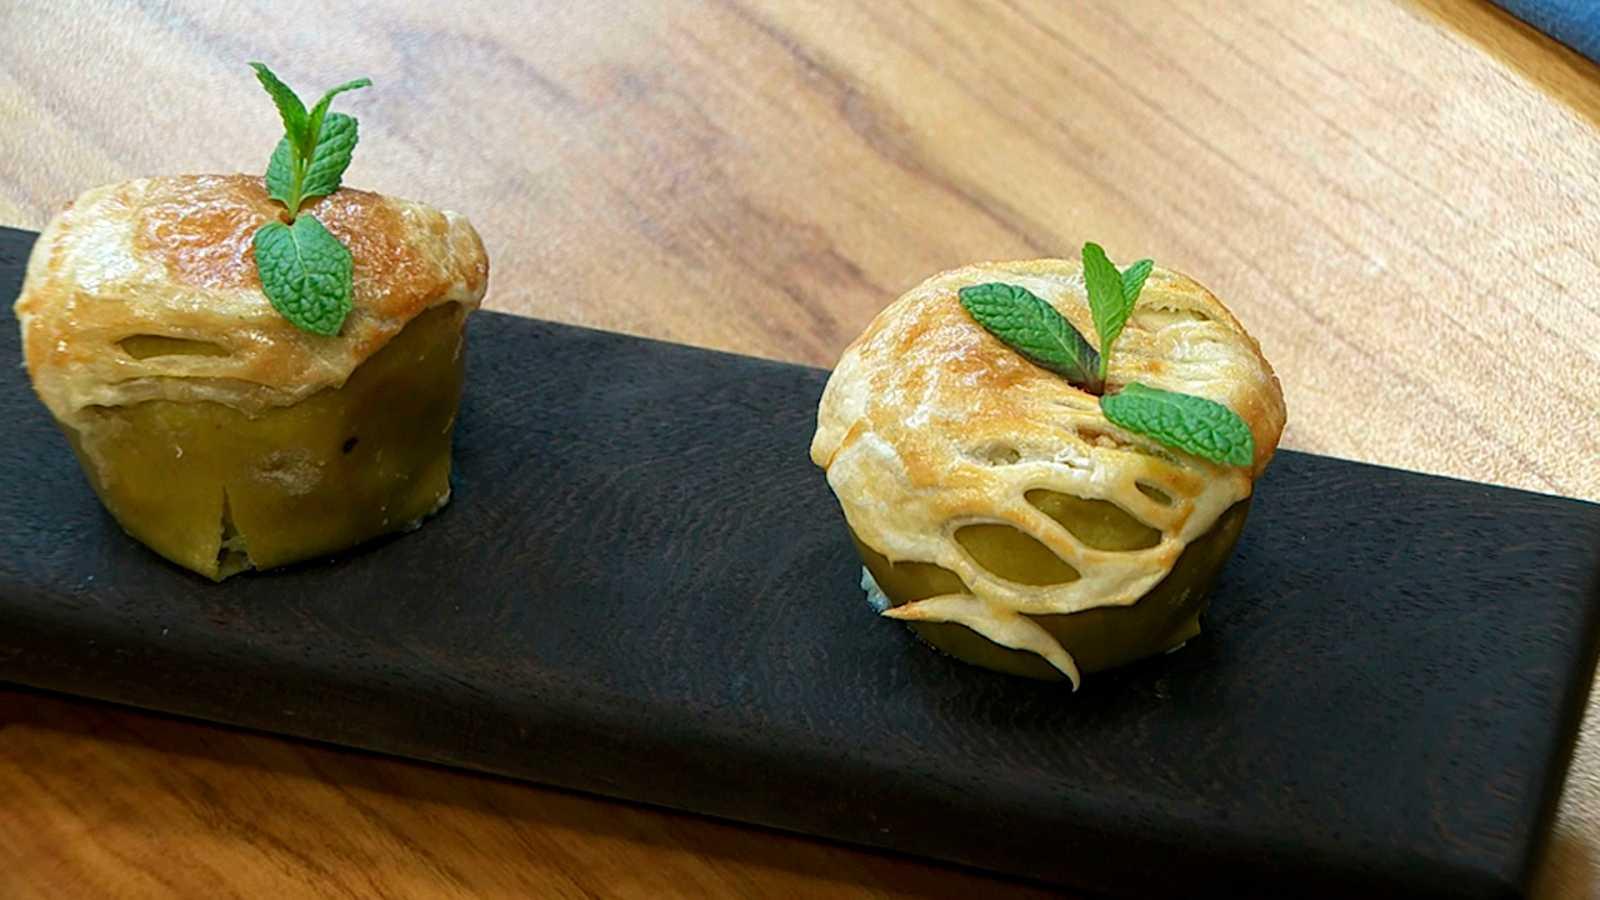 Torres en la cocina - Pastel de manzana